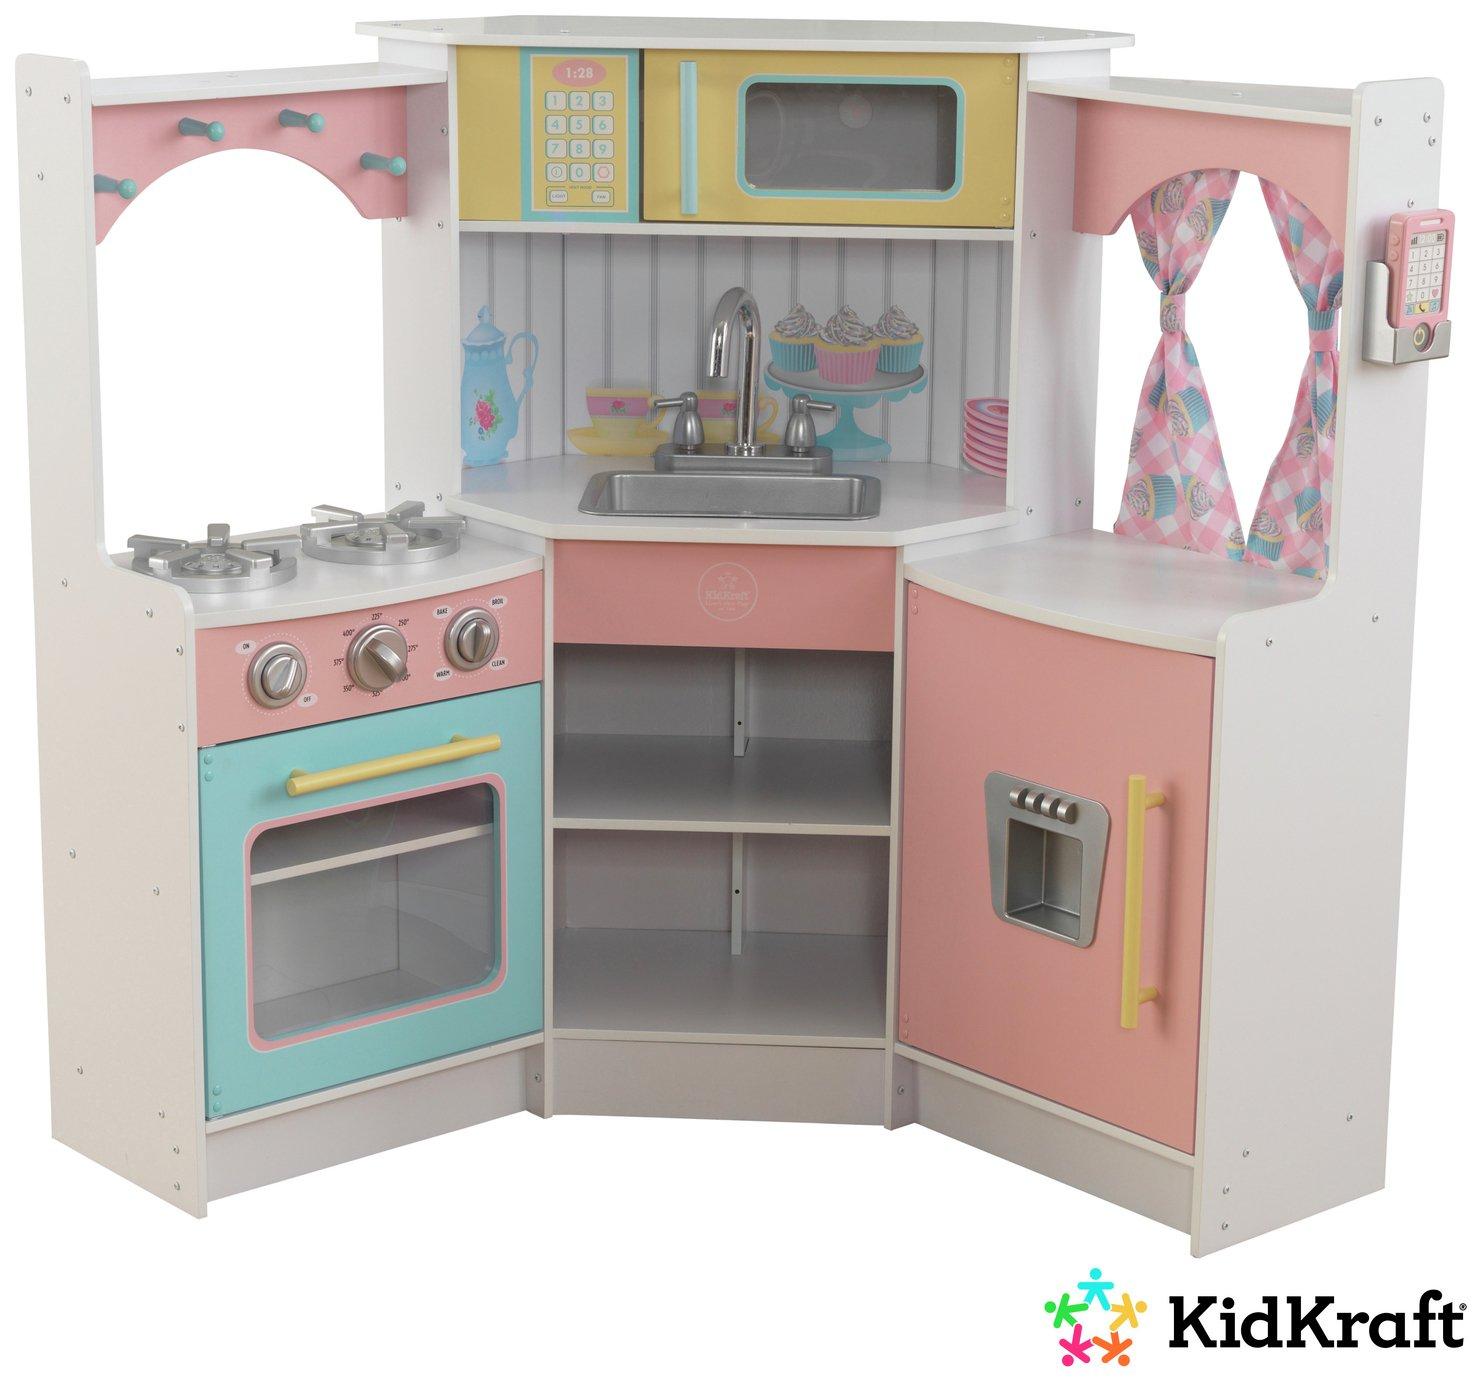 KidKraft Deluxe Corner Wooden Play Kitchen